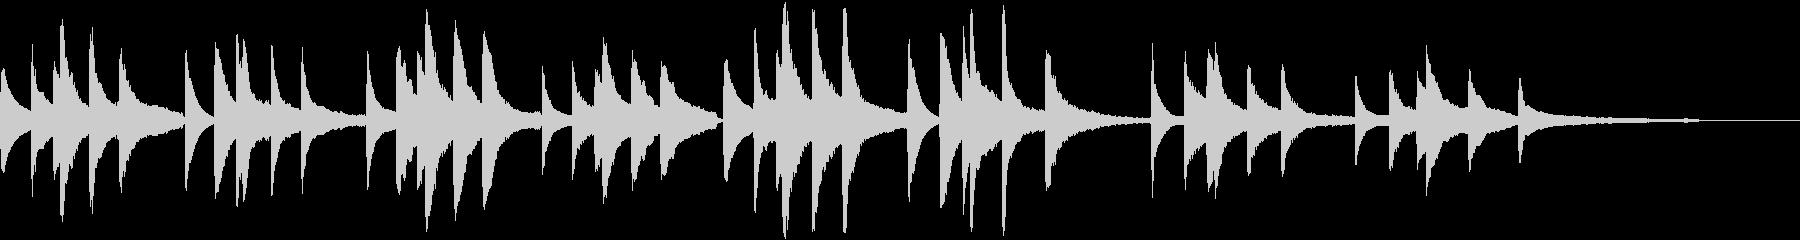 前奏曲第7番/ショパン【ピアノソロ】の未再生の波形